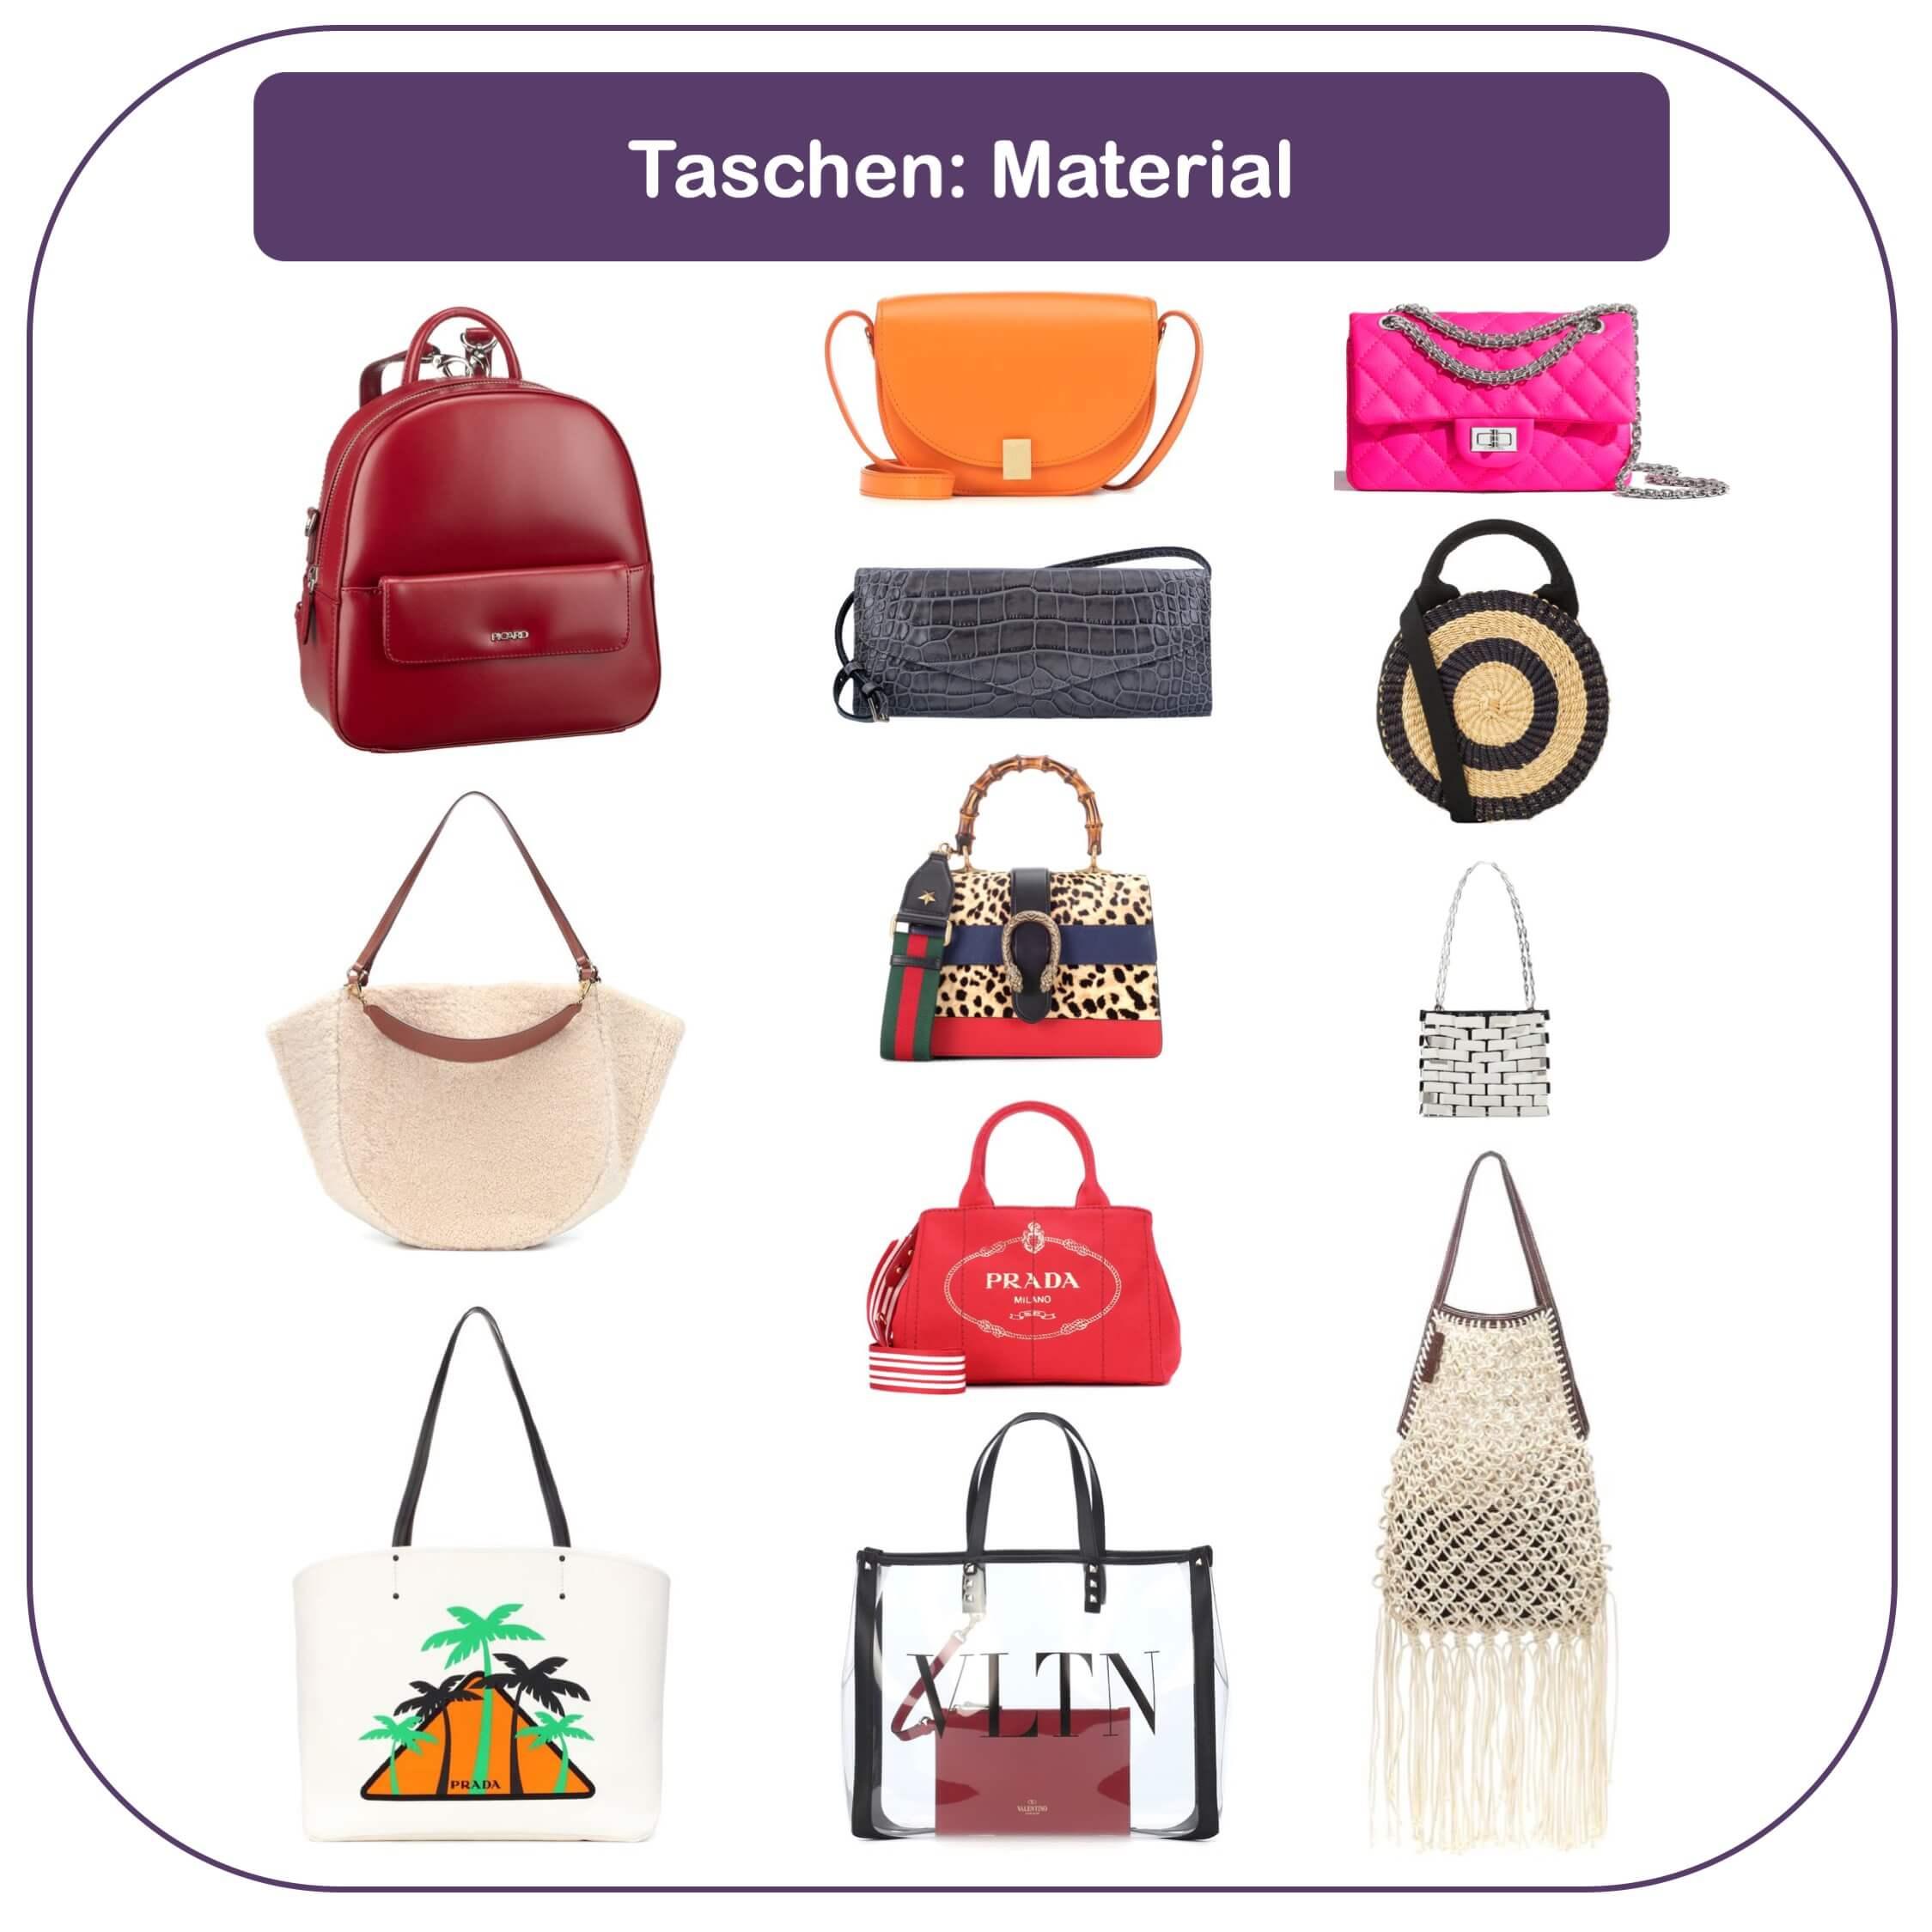 Die passende Handtasche finden - Leder und Material der Tasche